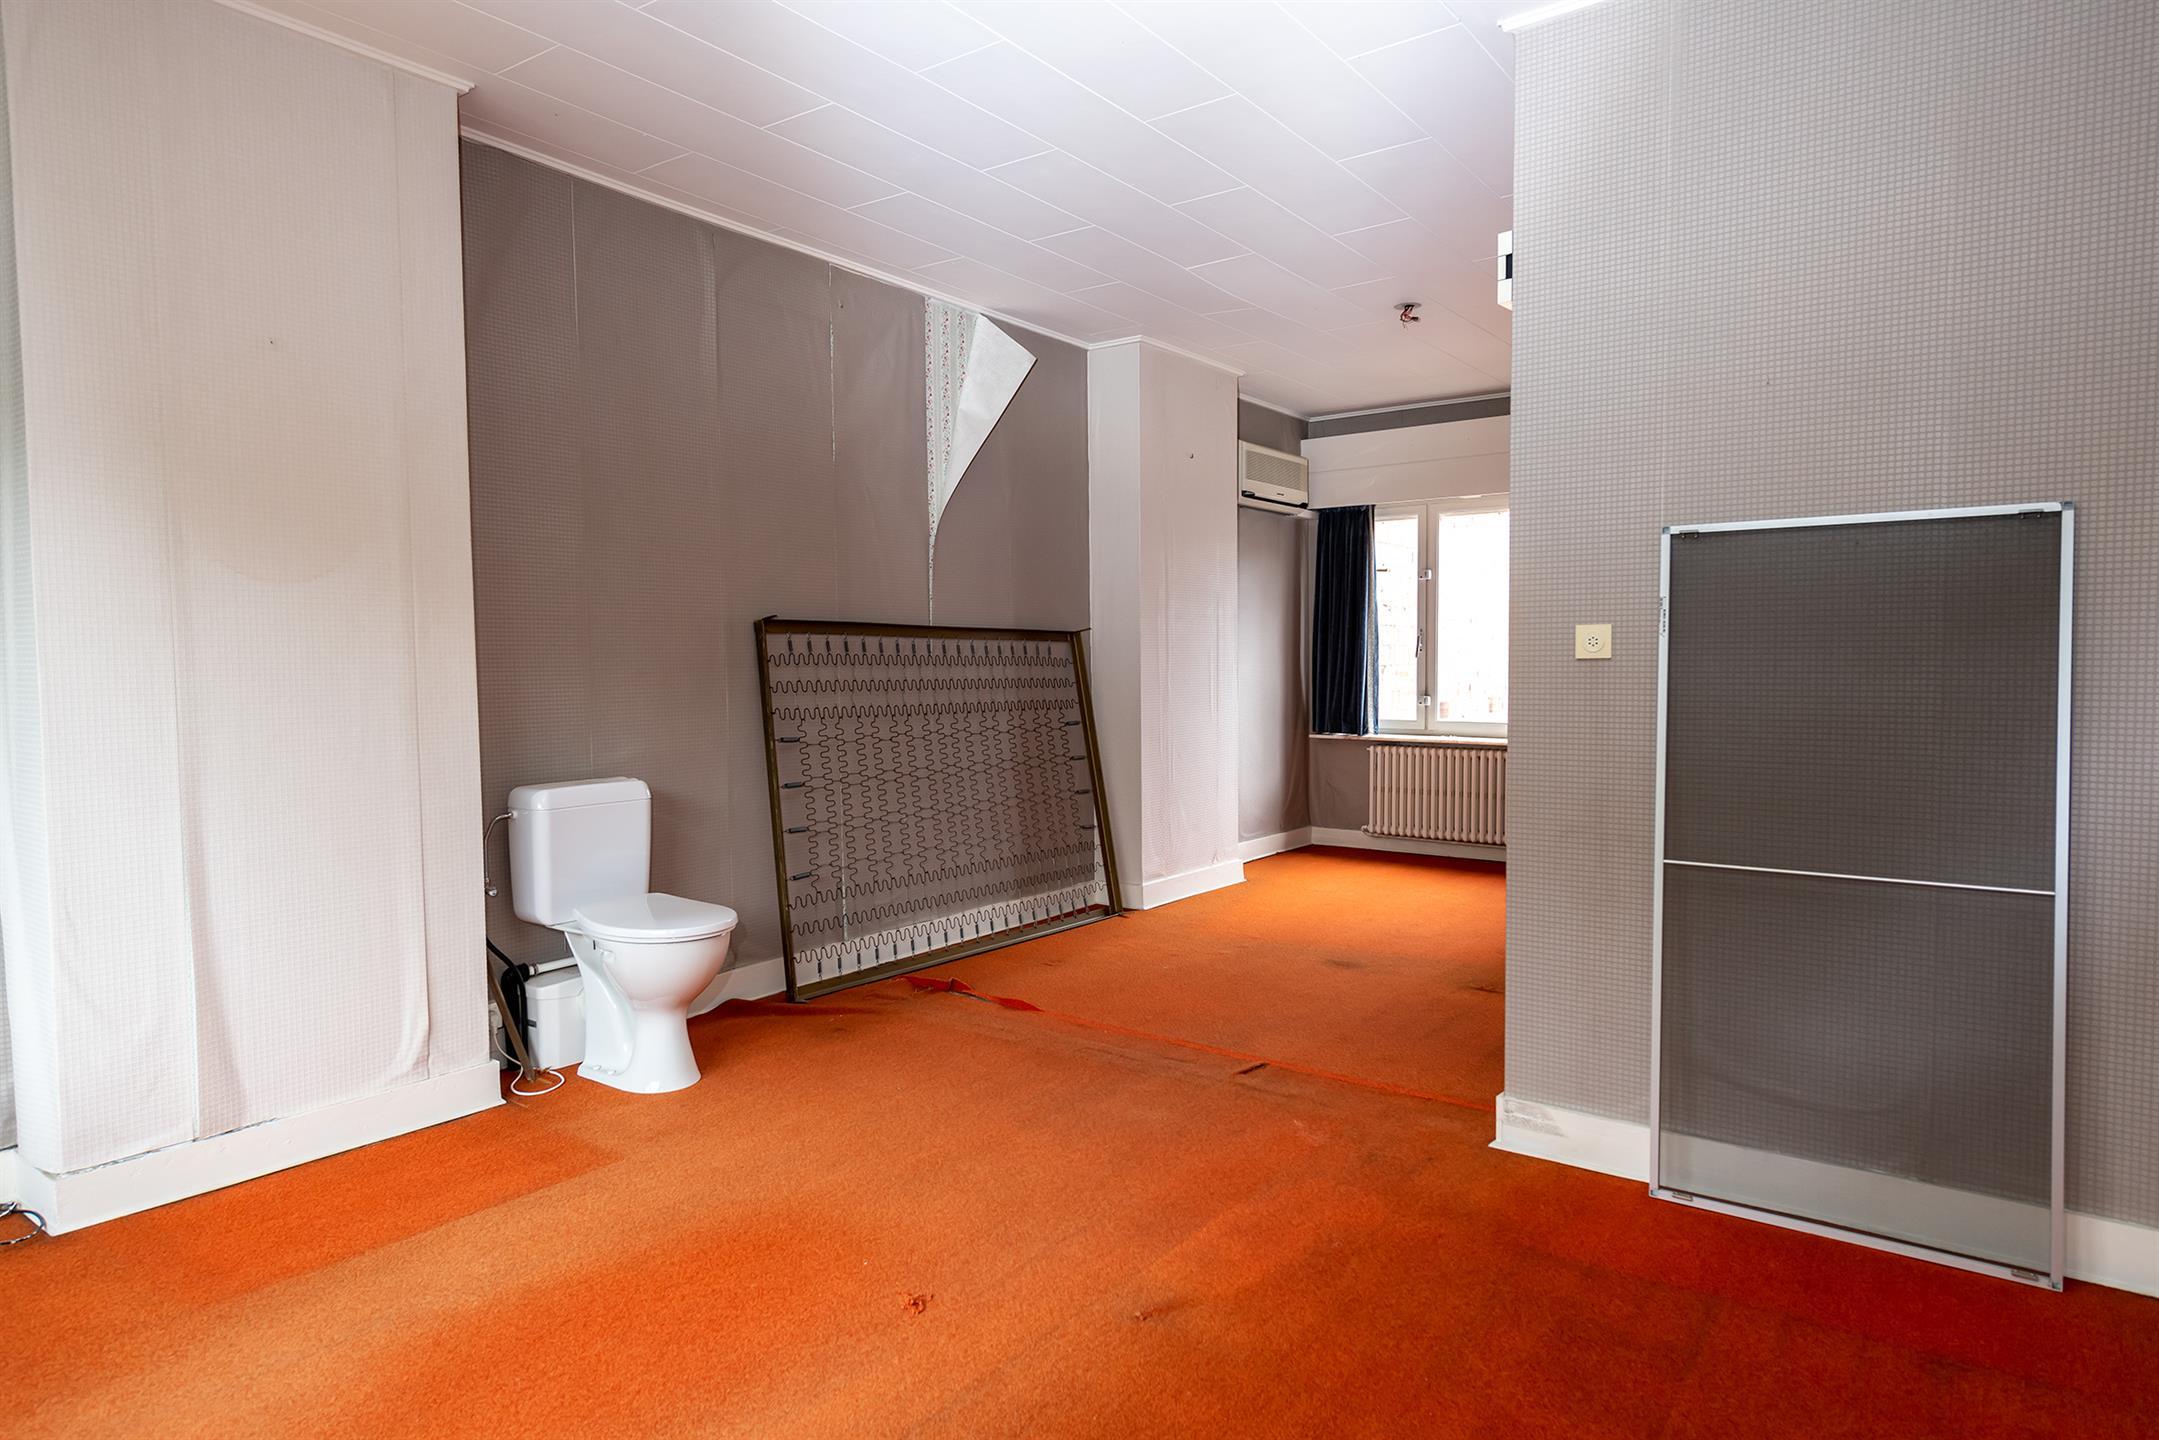 Maison - Mechelen - #4346897-12